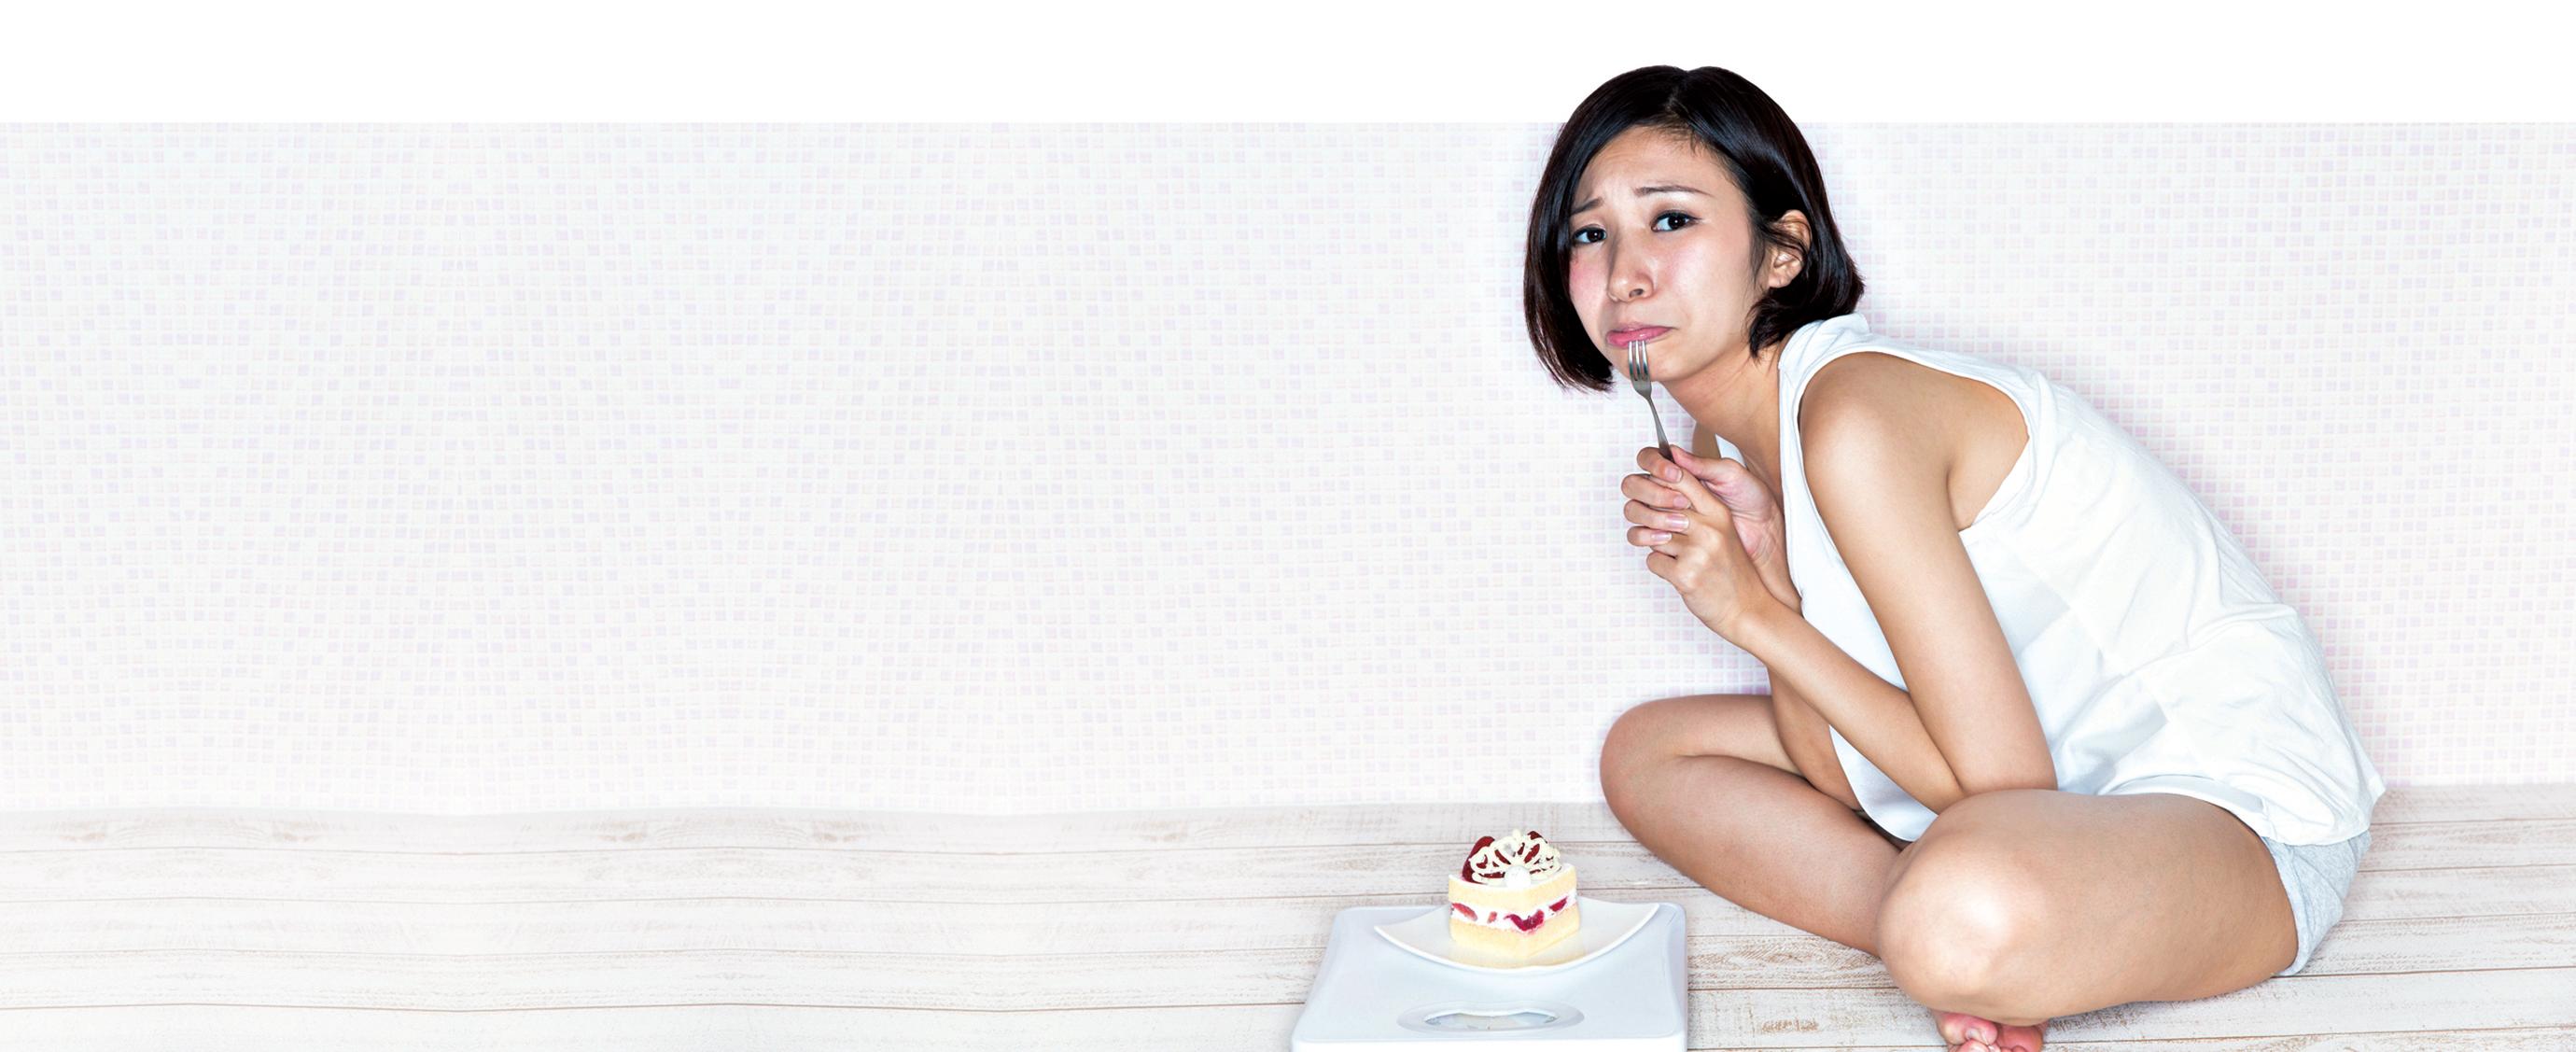 自認肥胖  就越容易變胖